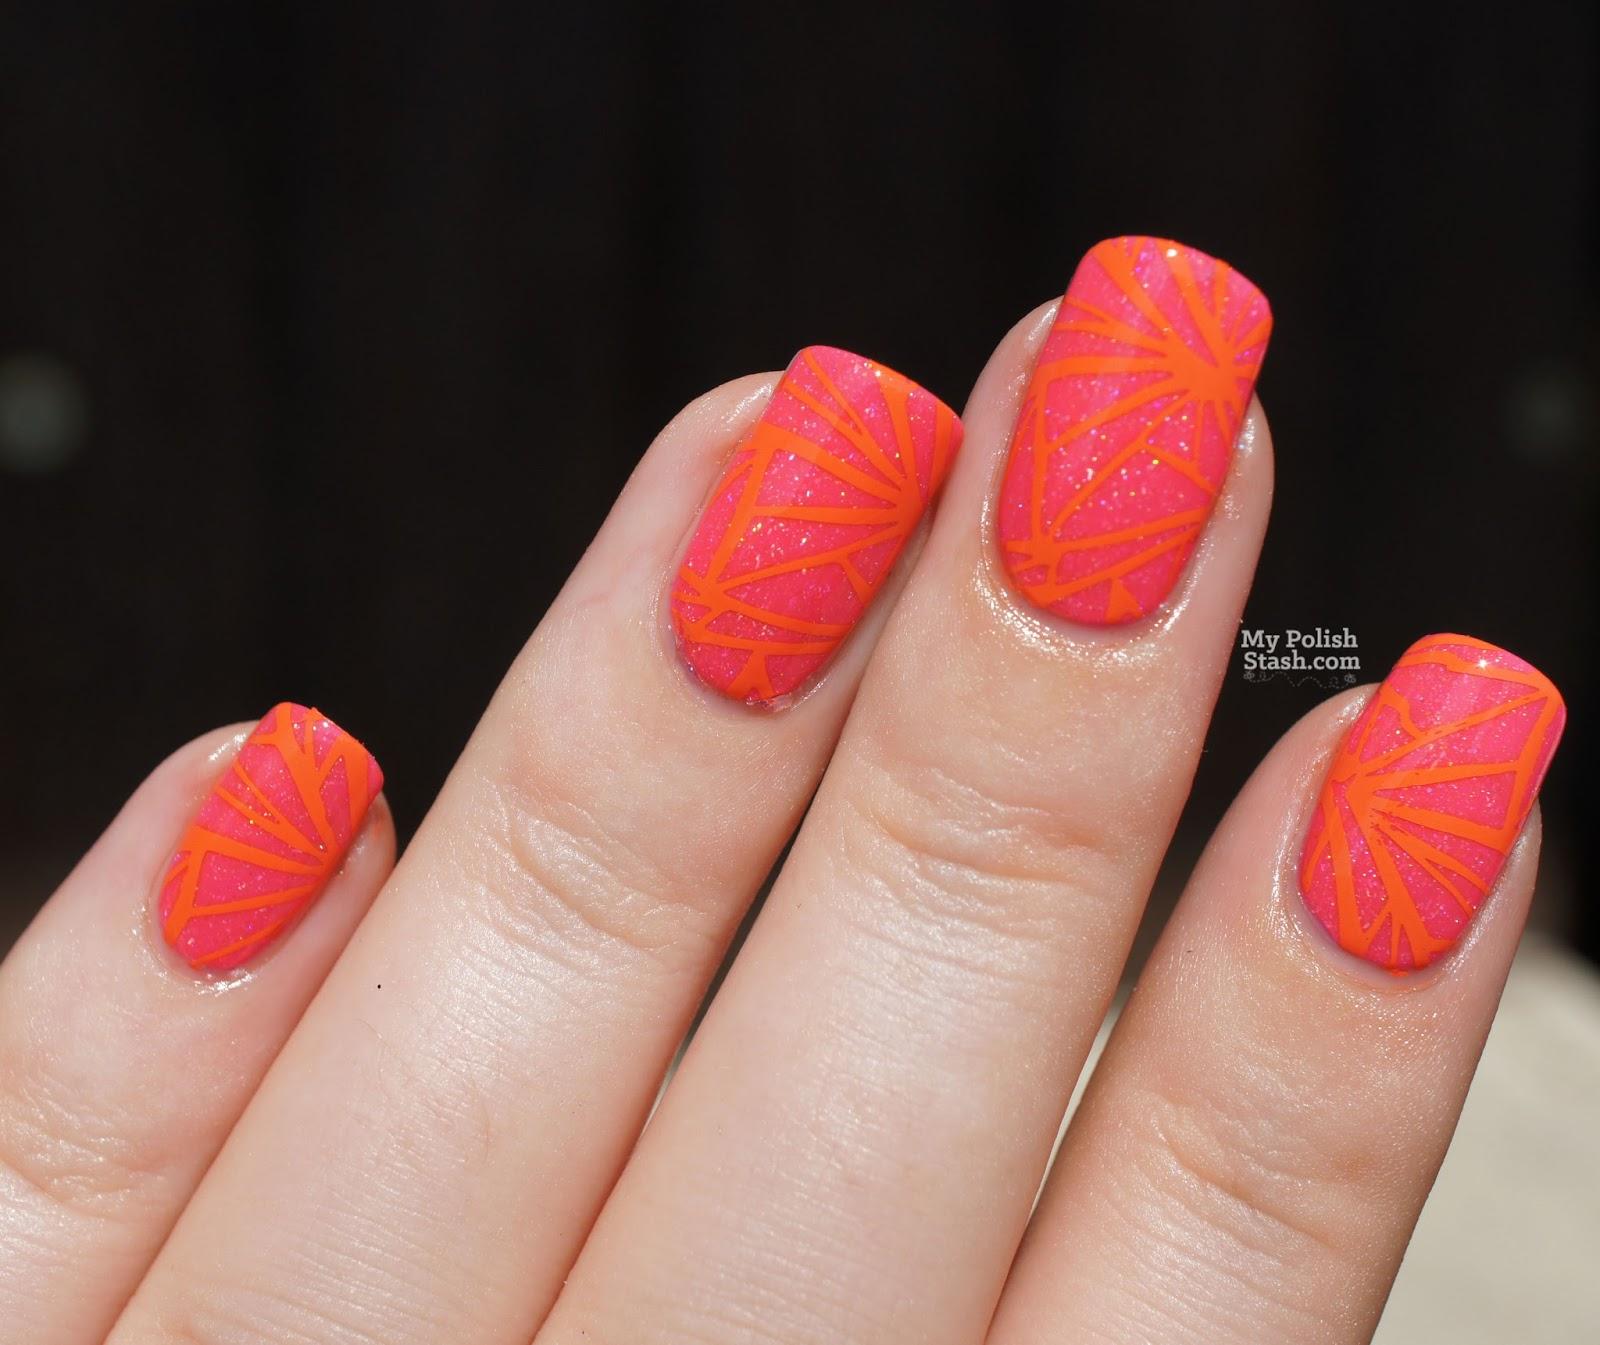 color alike stamping polish